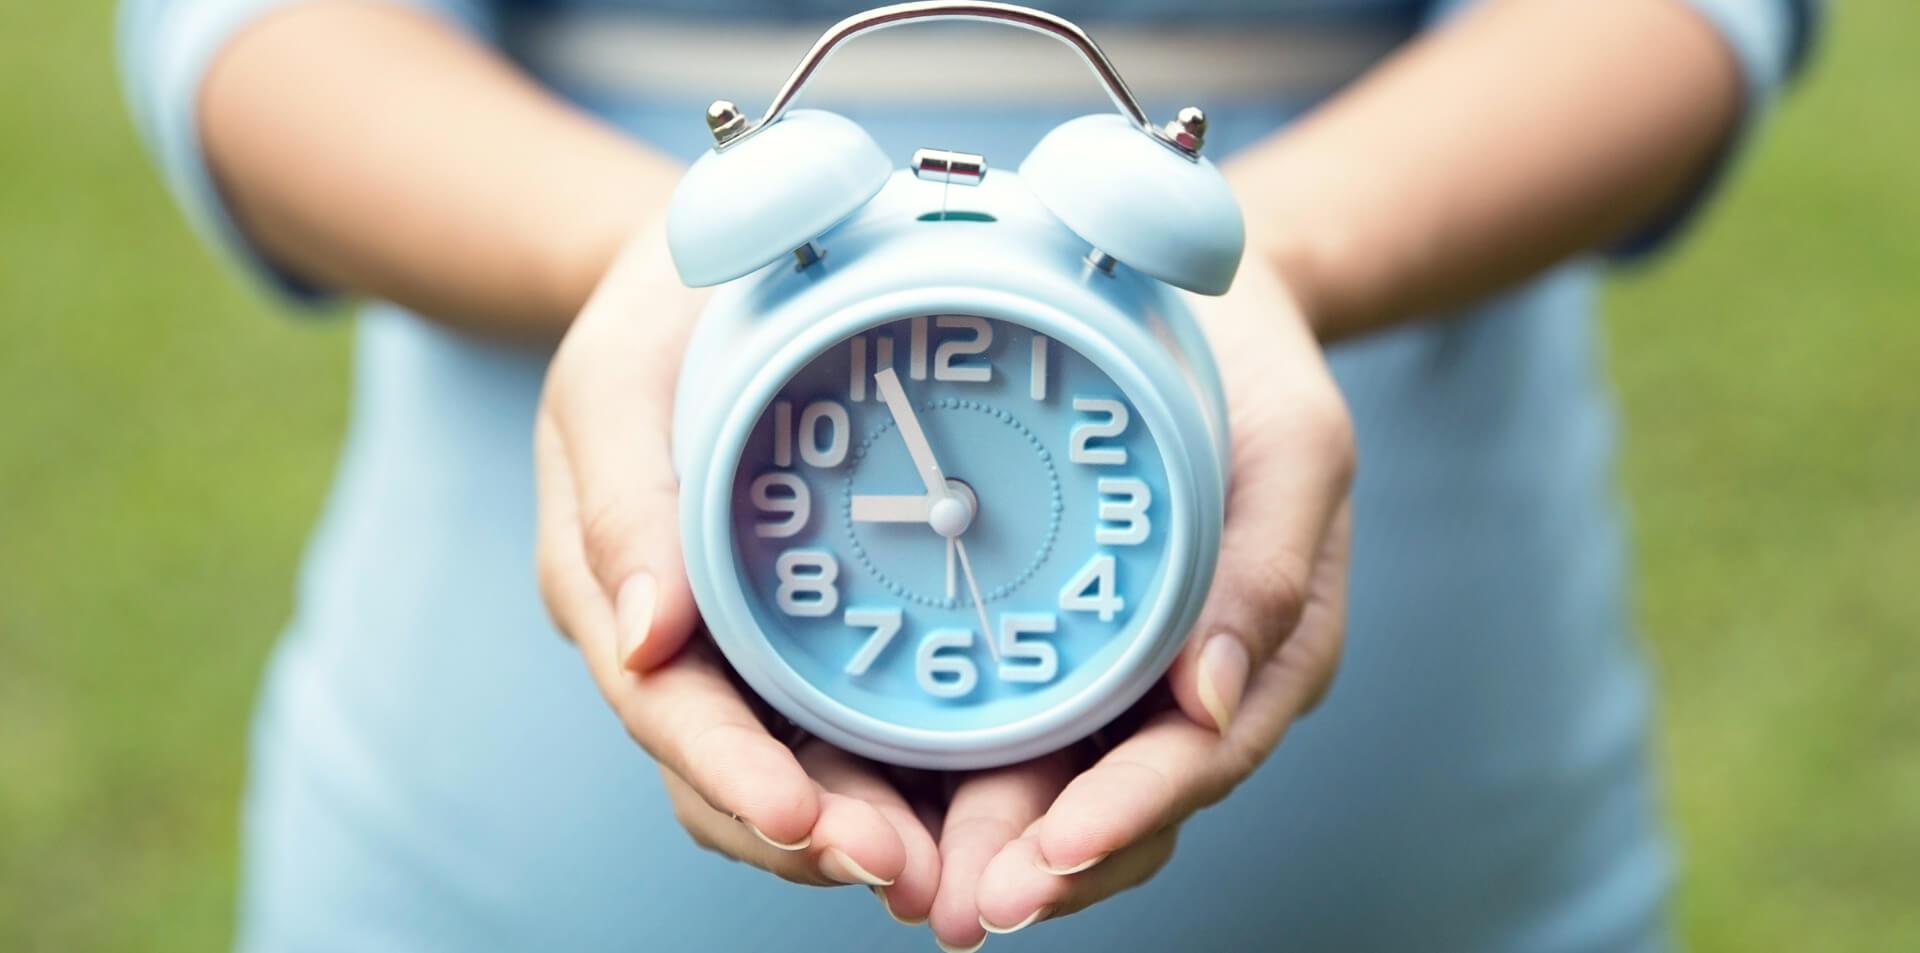 congelamento óvulos: mulher segurando um relógio